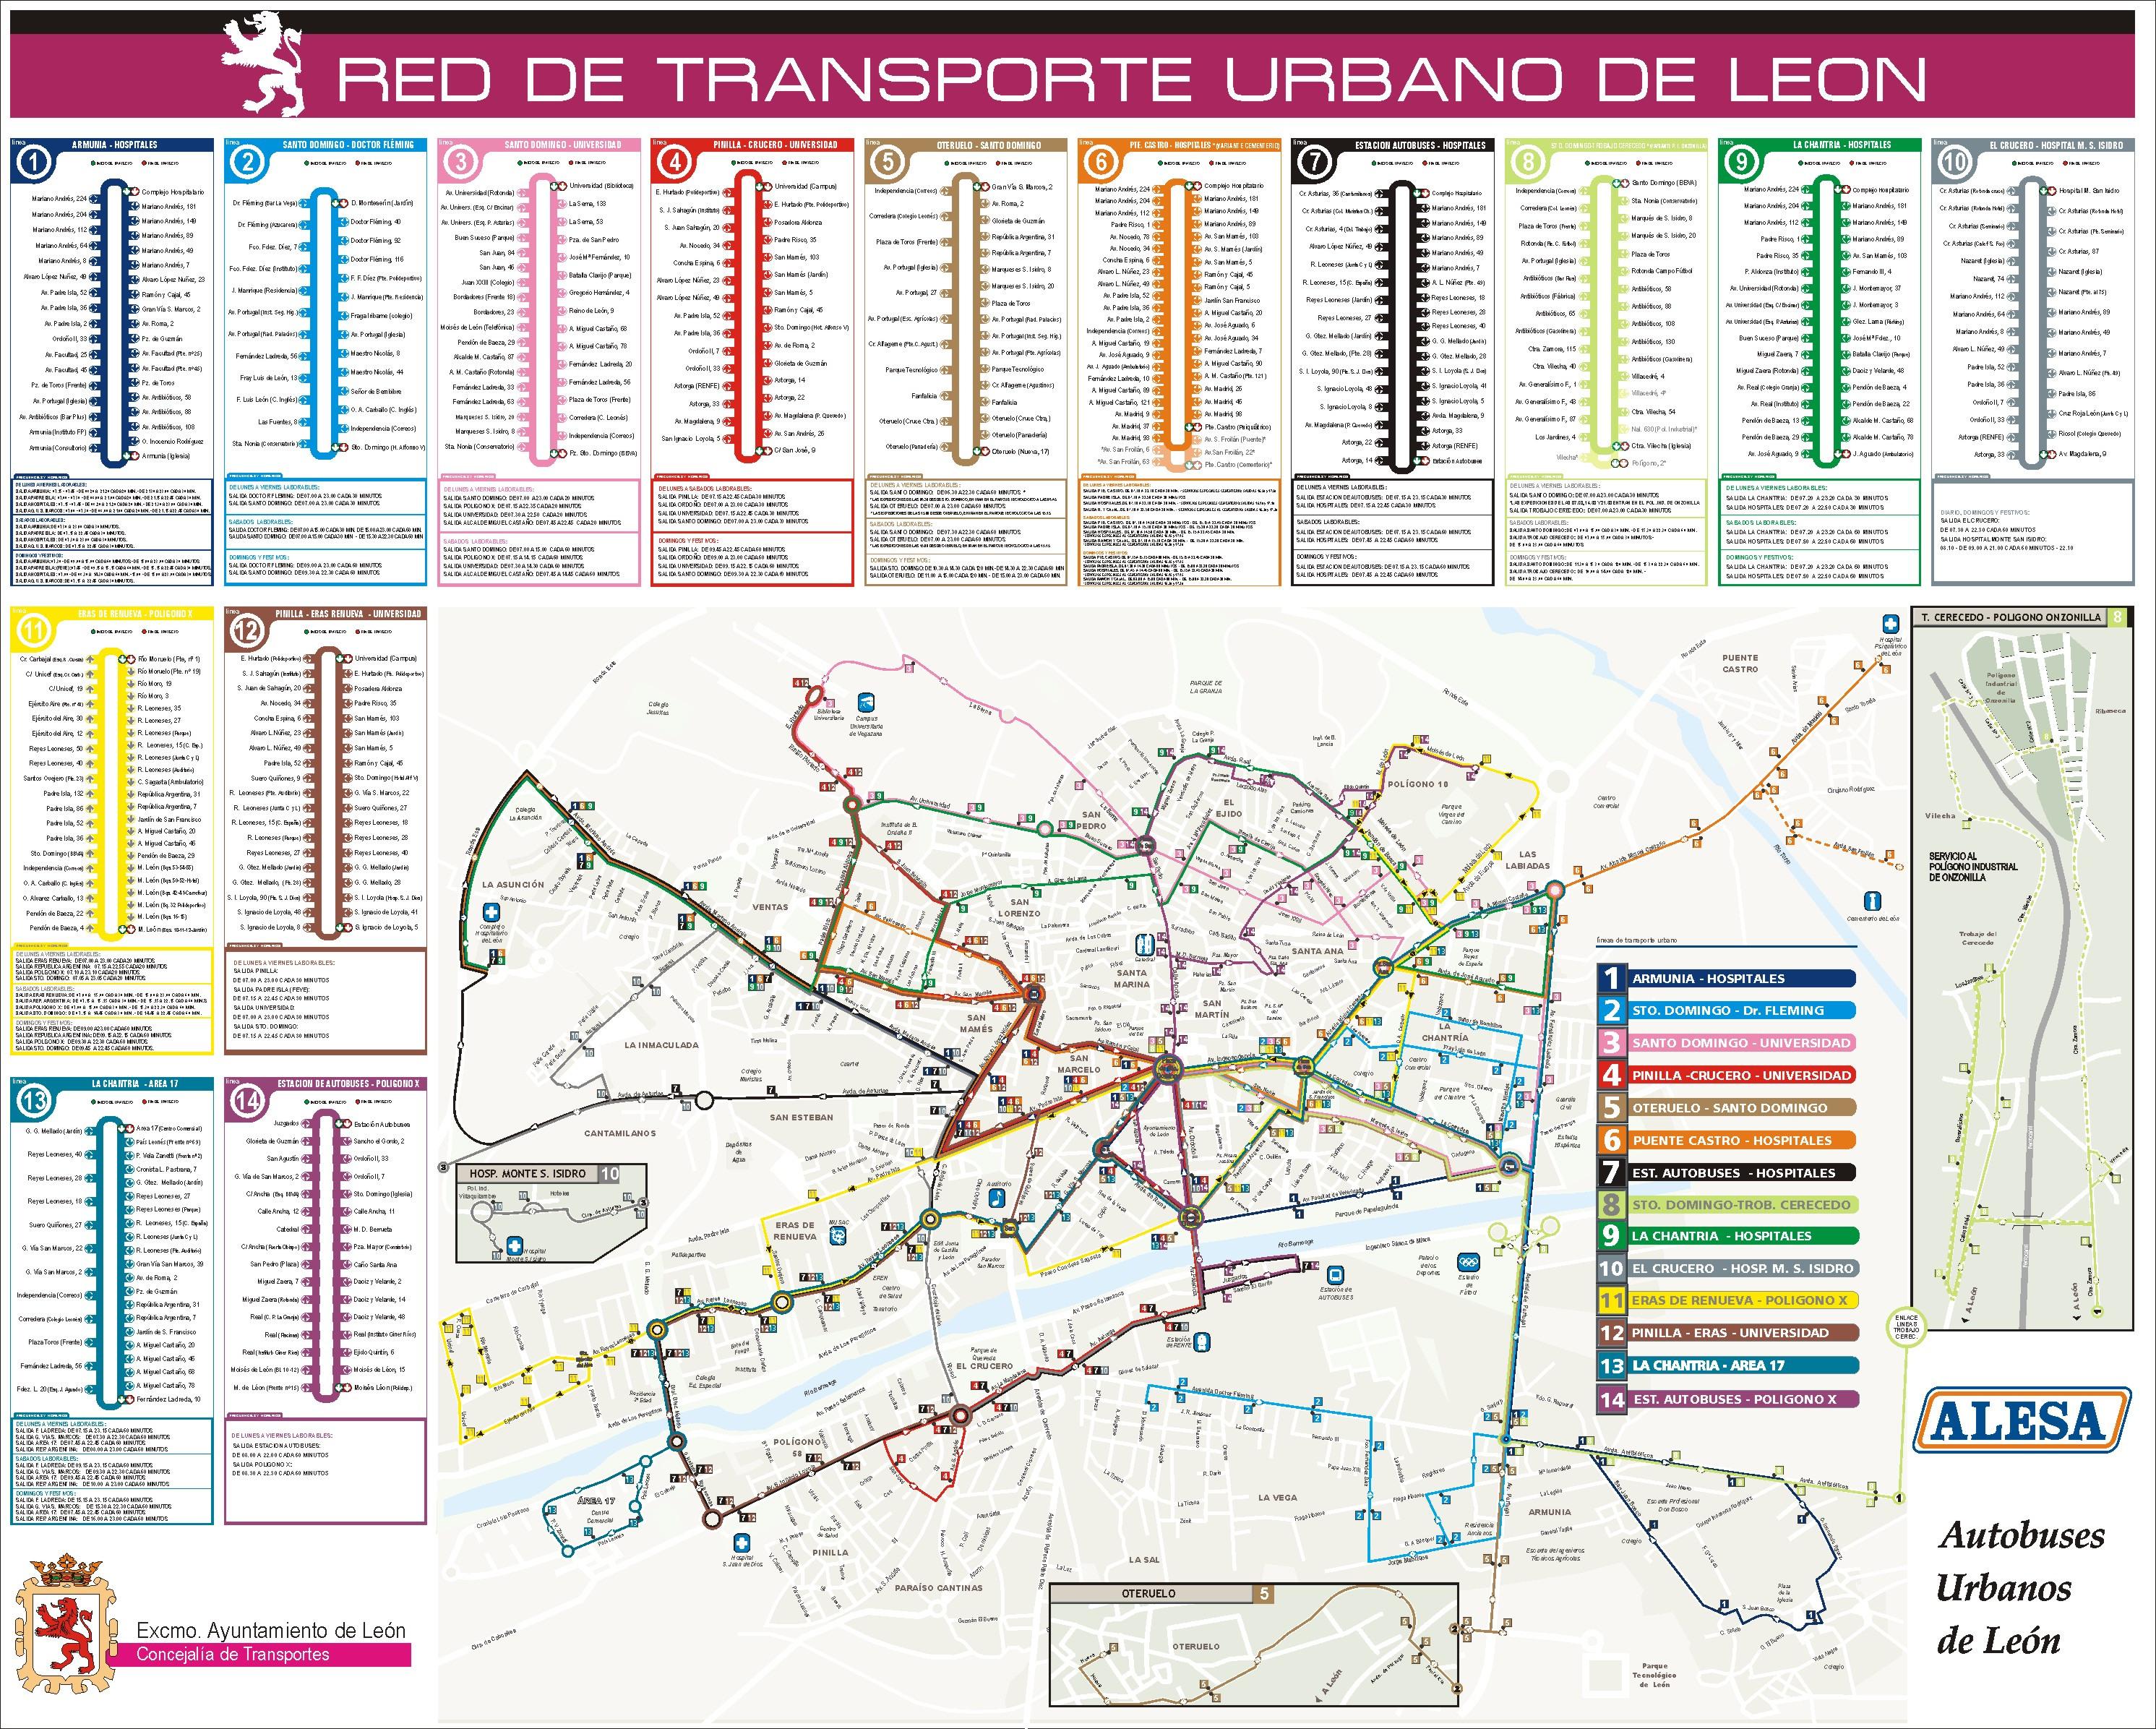 Red de transporte urbano de León